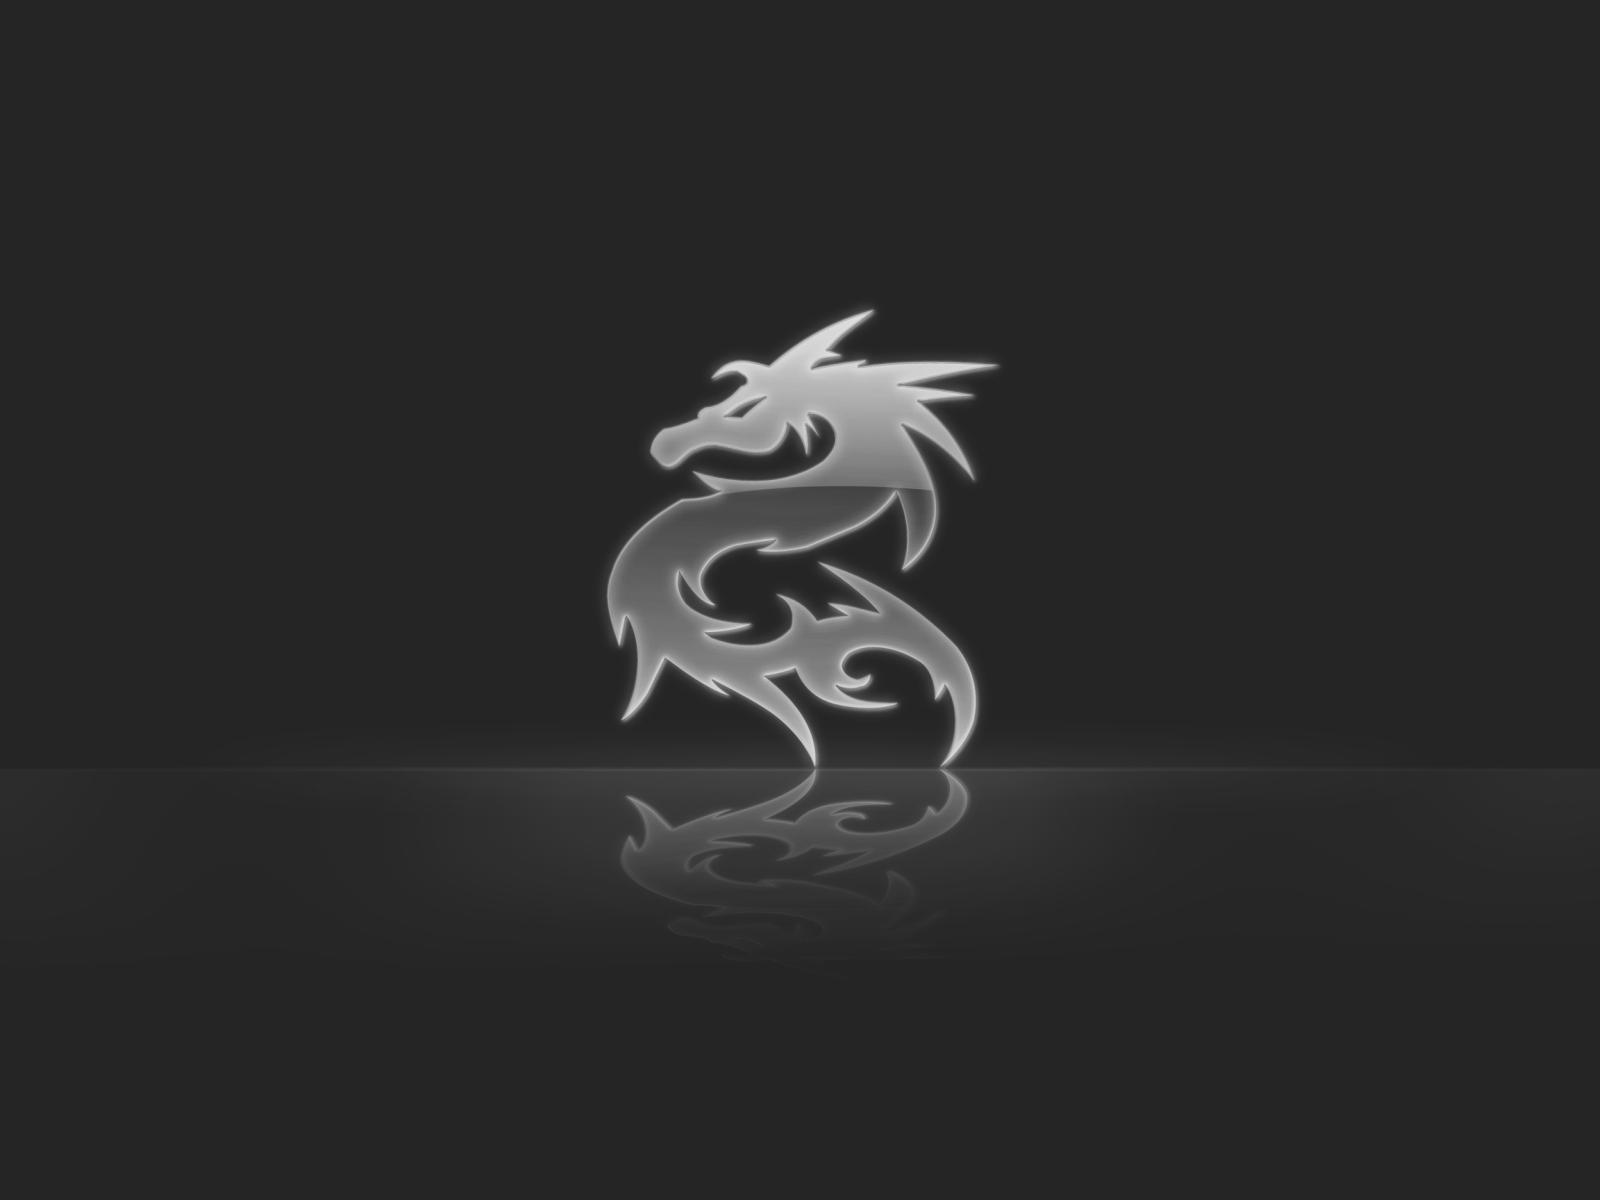 dragon wallpaper 1600x1200 - photo #45